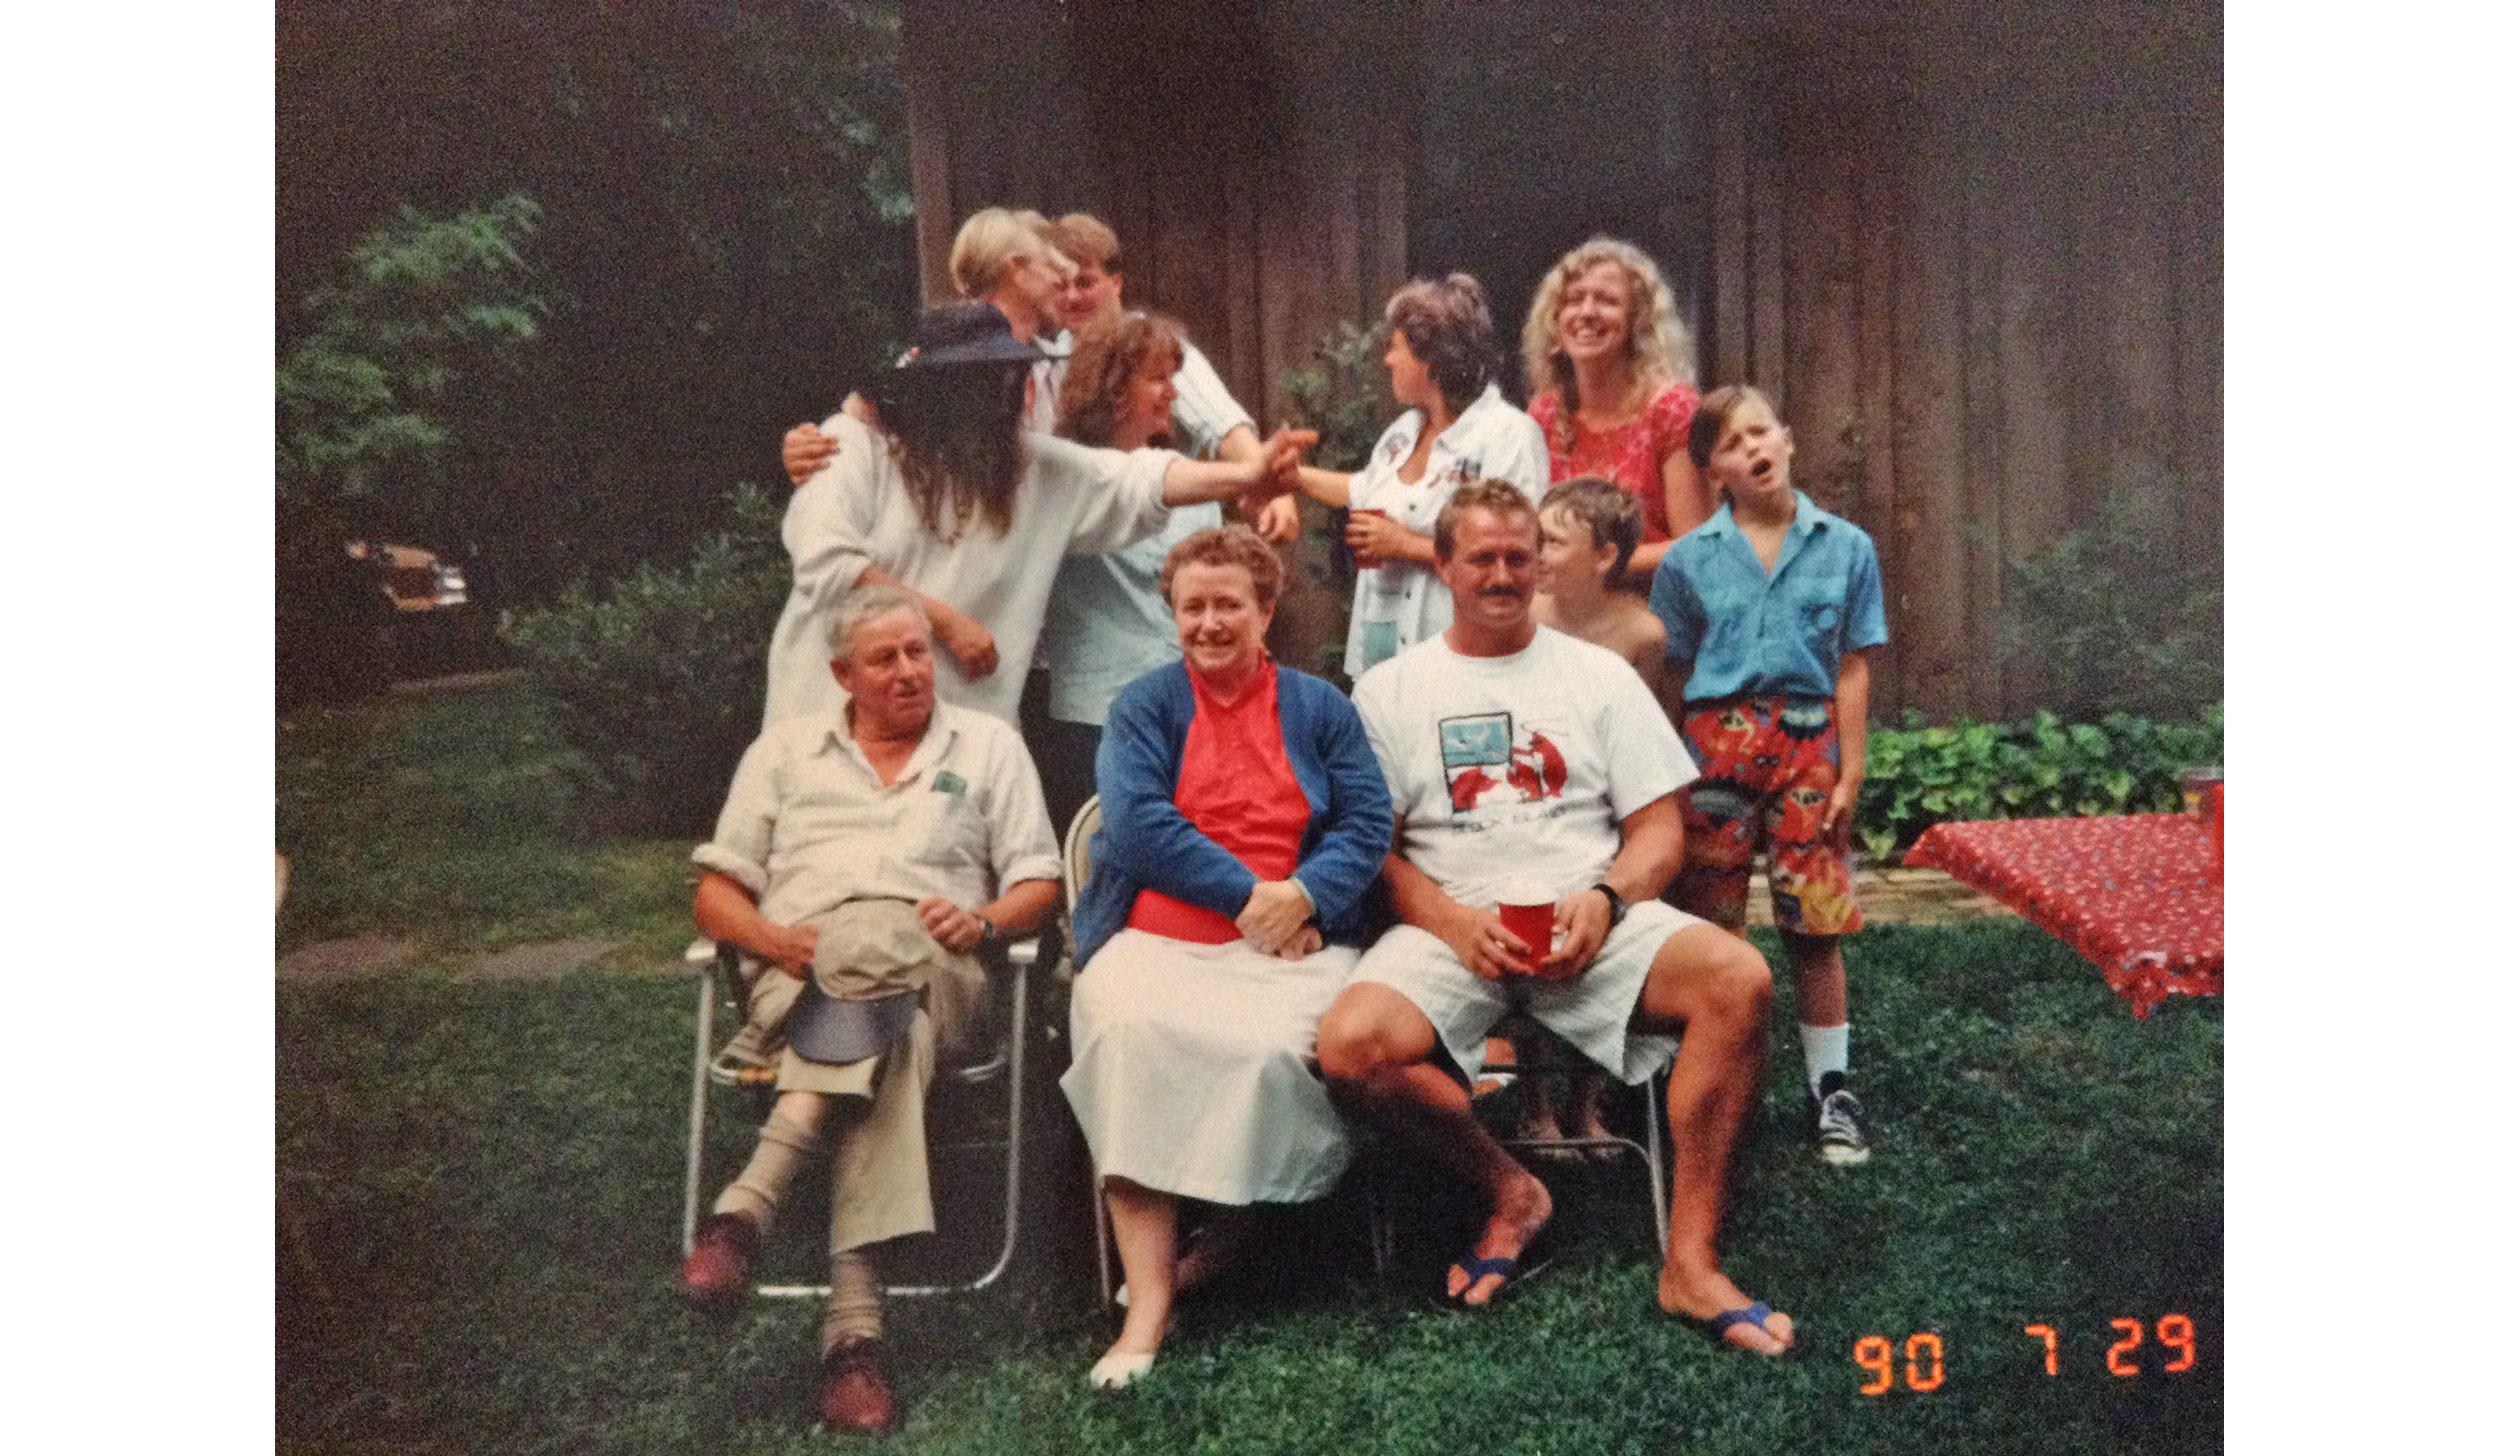 familypic4.jpg